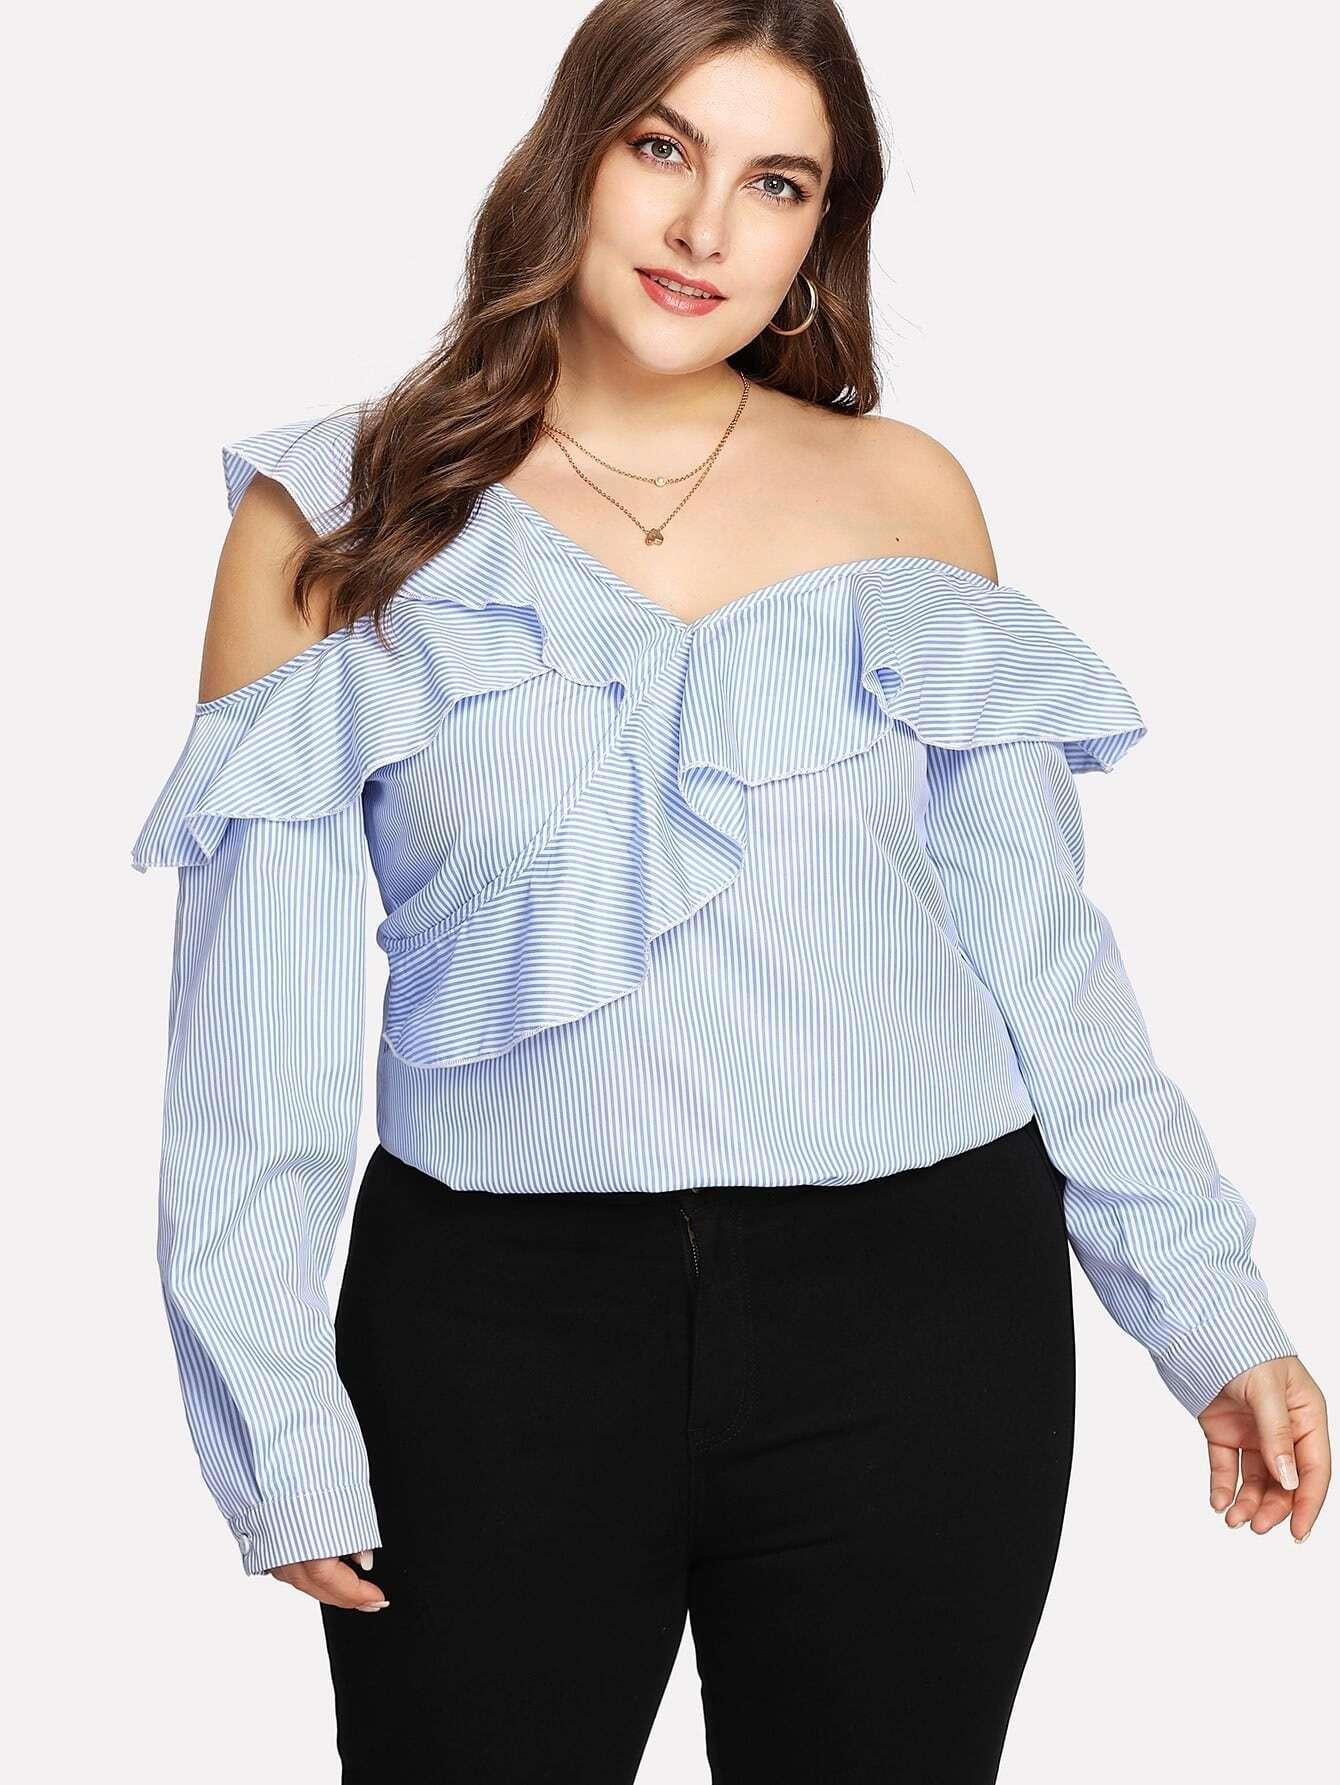 Bluse mit asymmetrischer Schulter, Raffung und Streifen